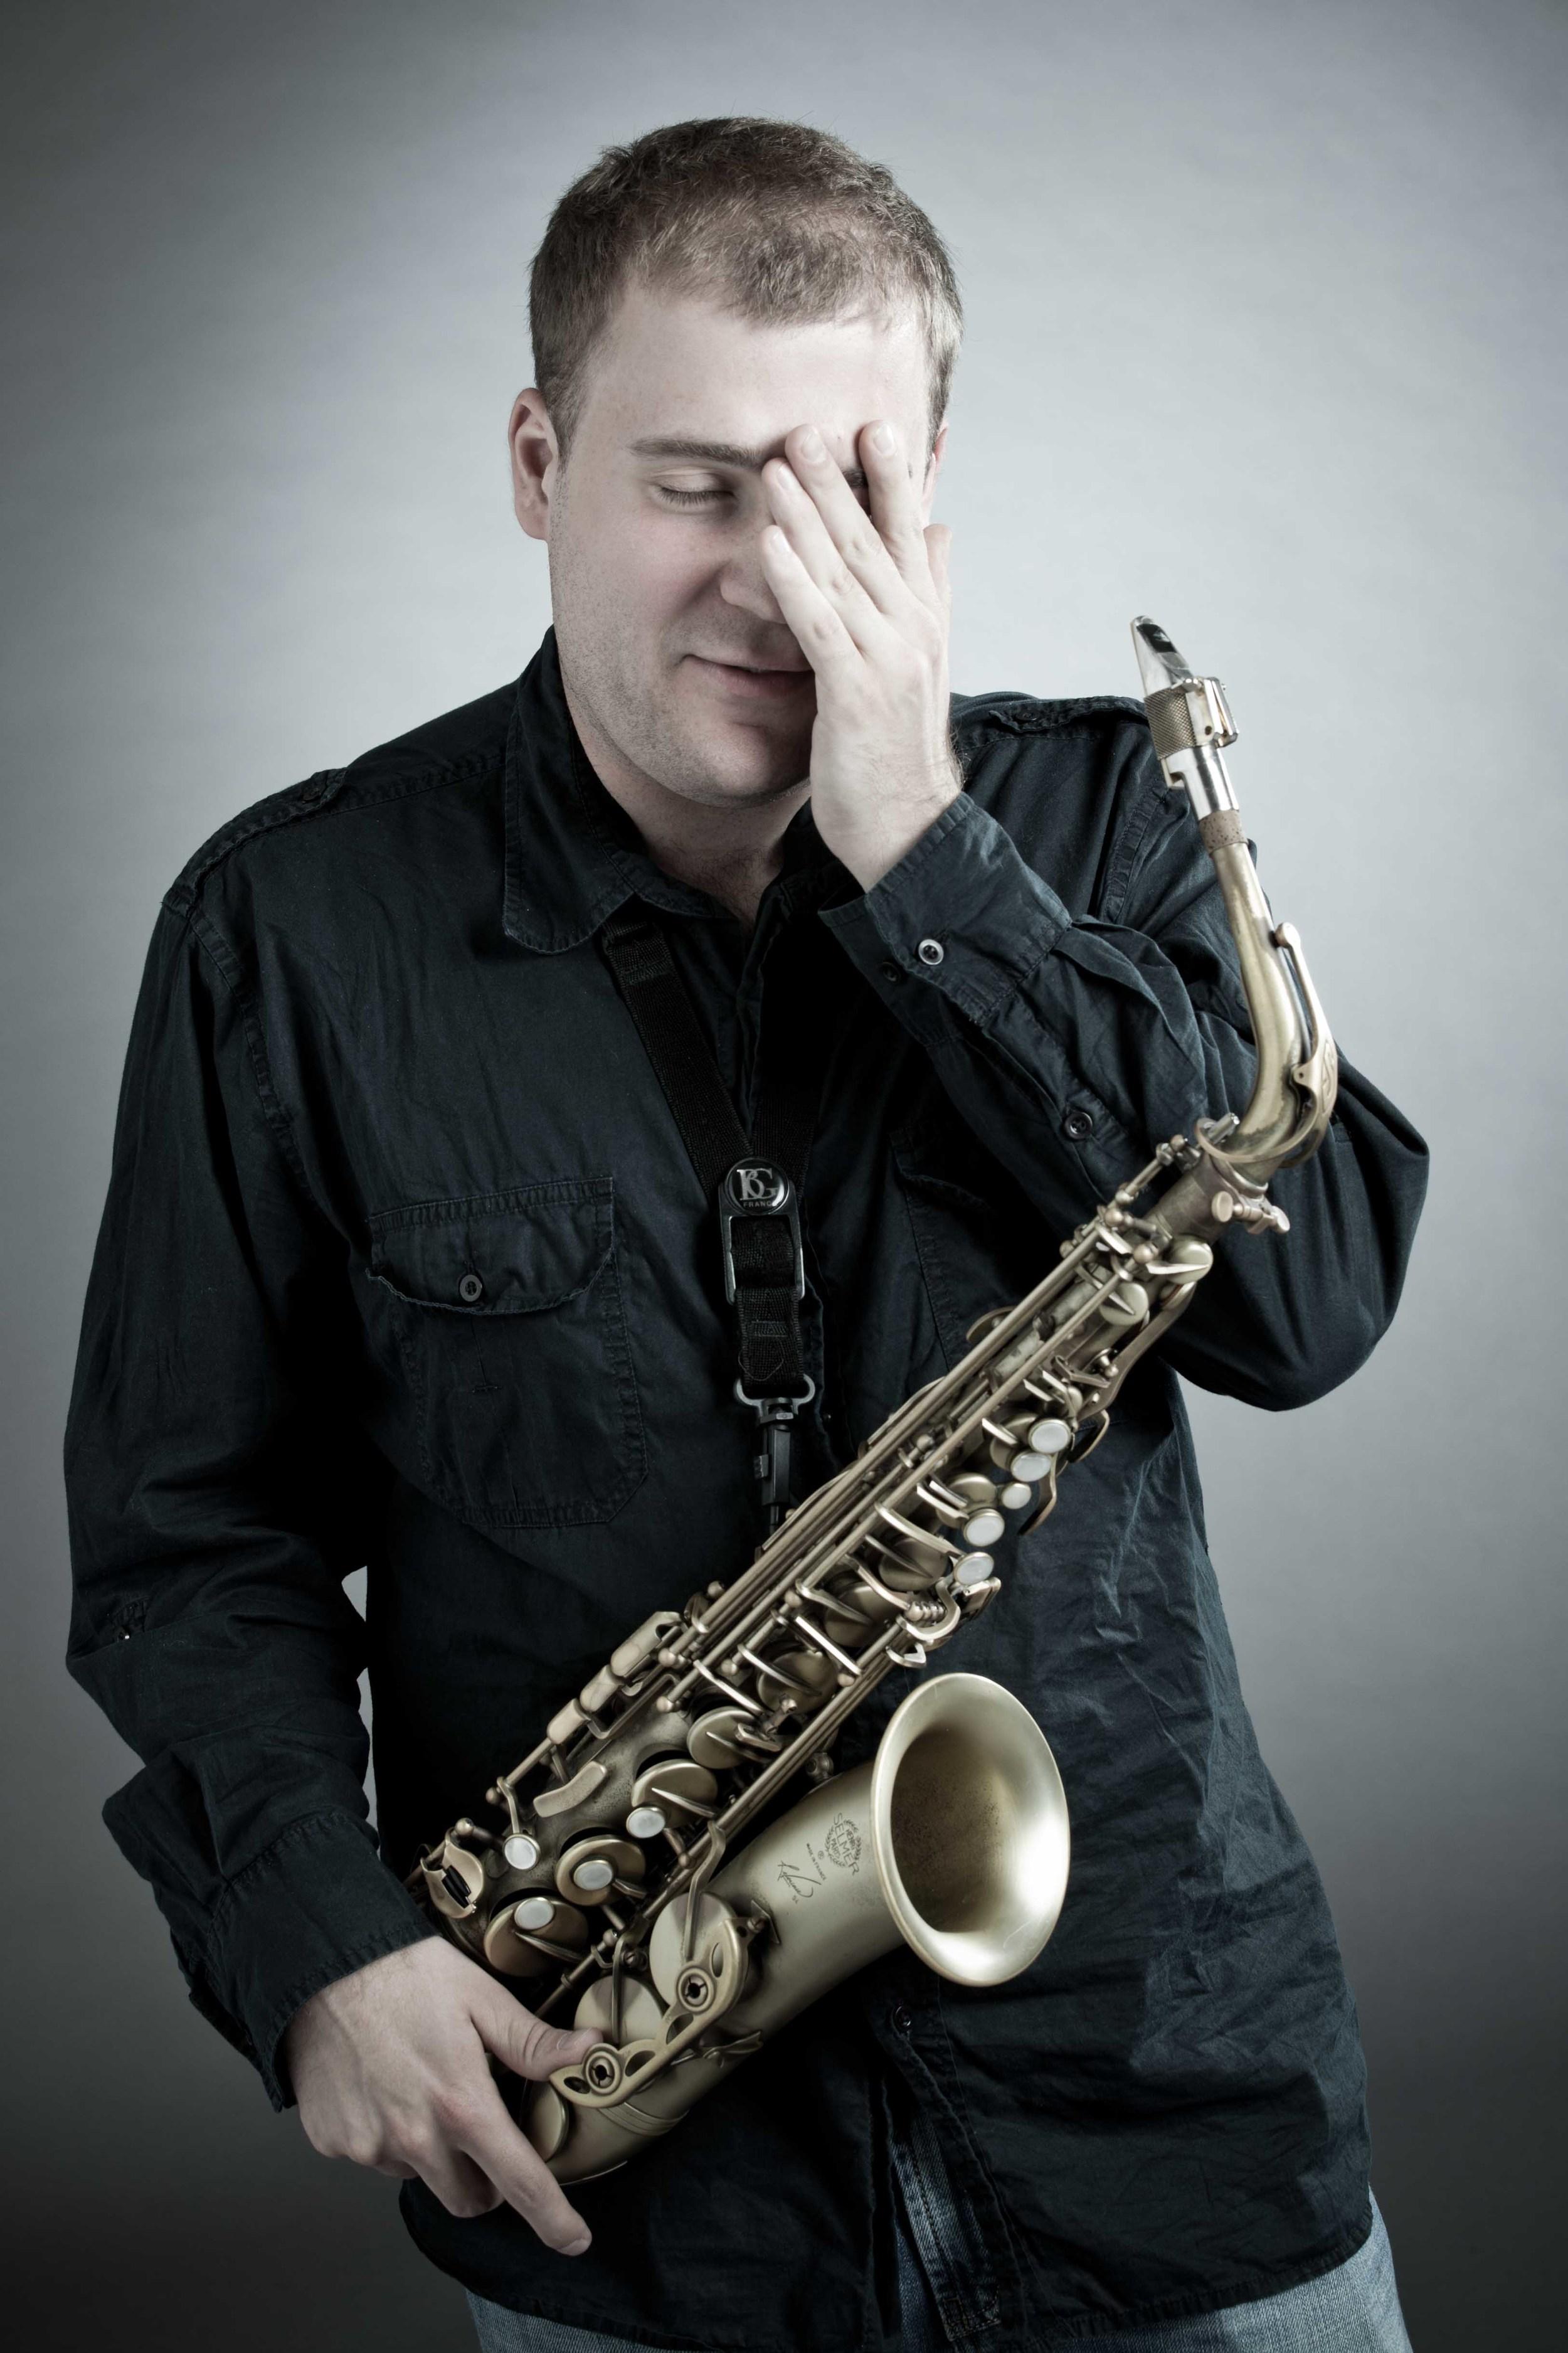 Marek-Tomaszewski-Sax-Player-Photo-Session